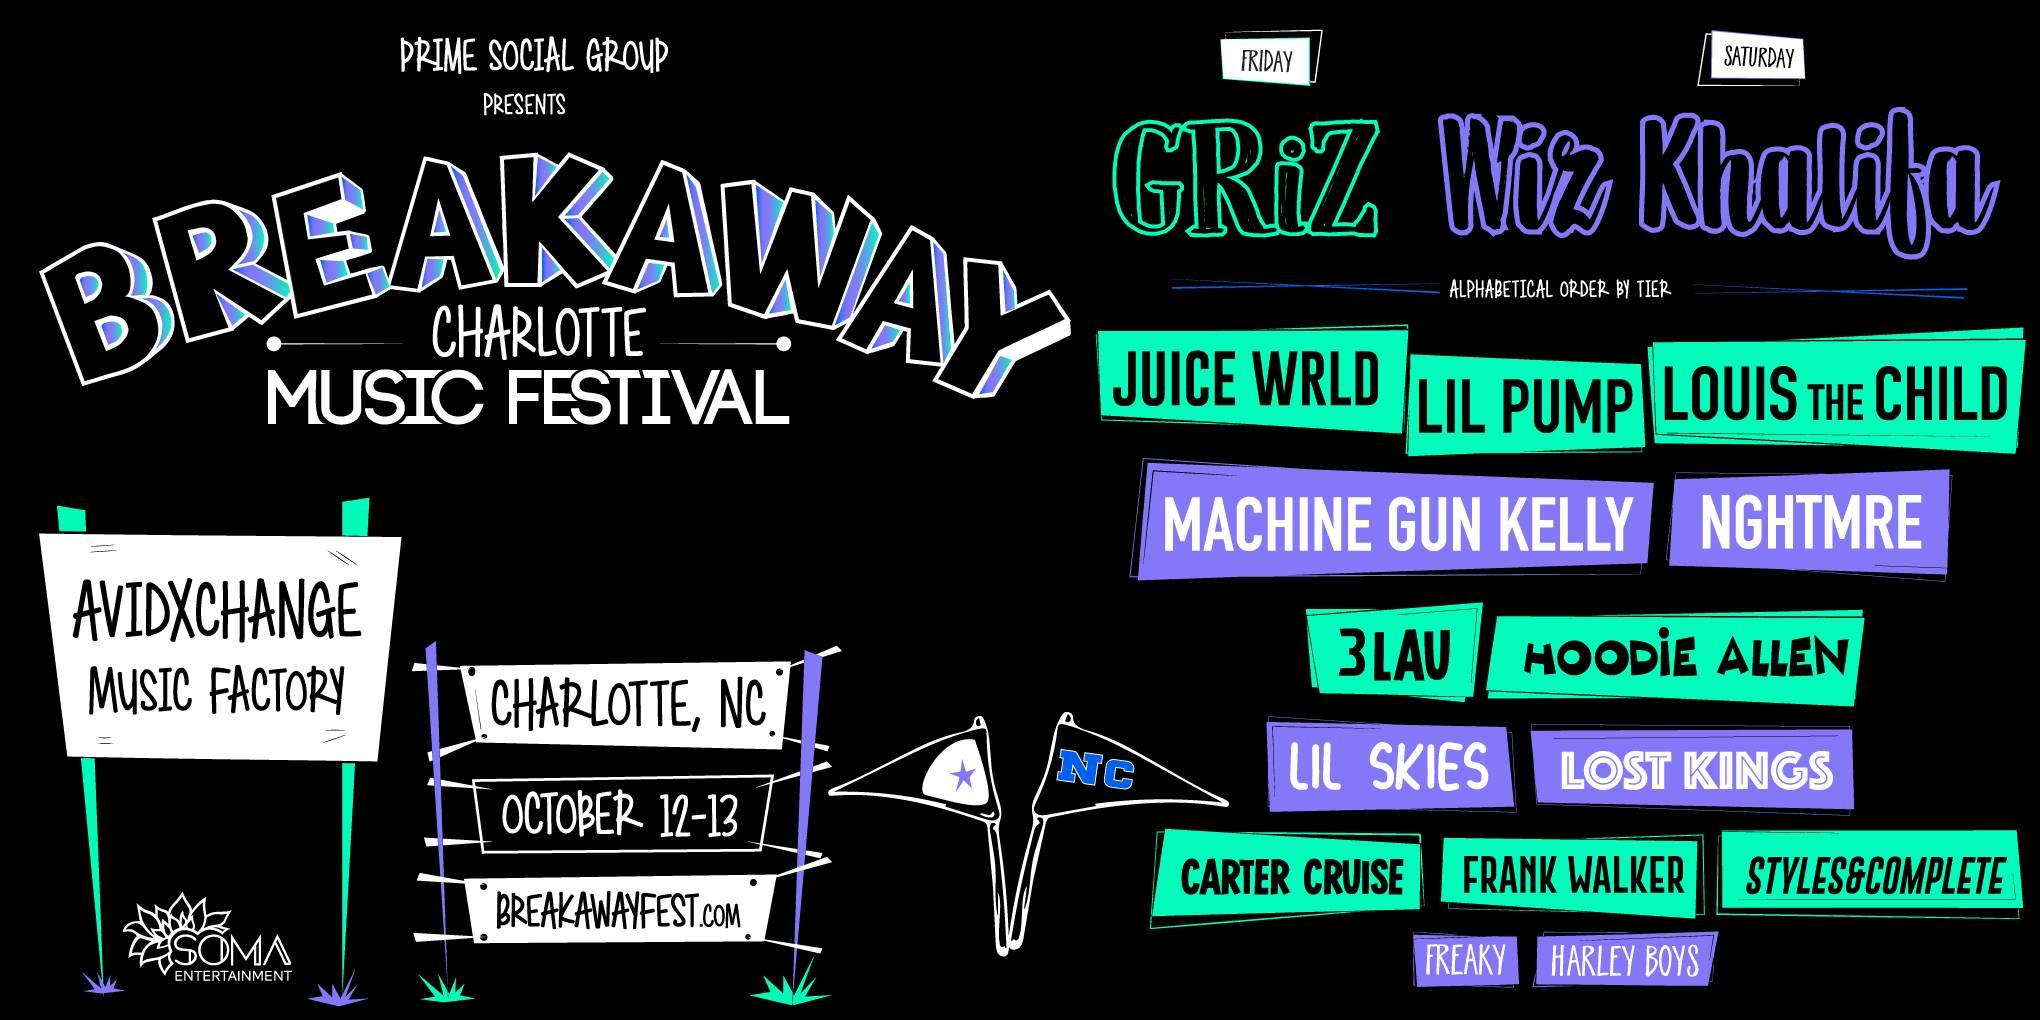 Breakaway Music Festival Charlotte Win Tickets Giveaway